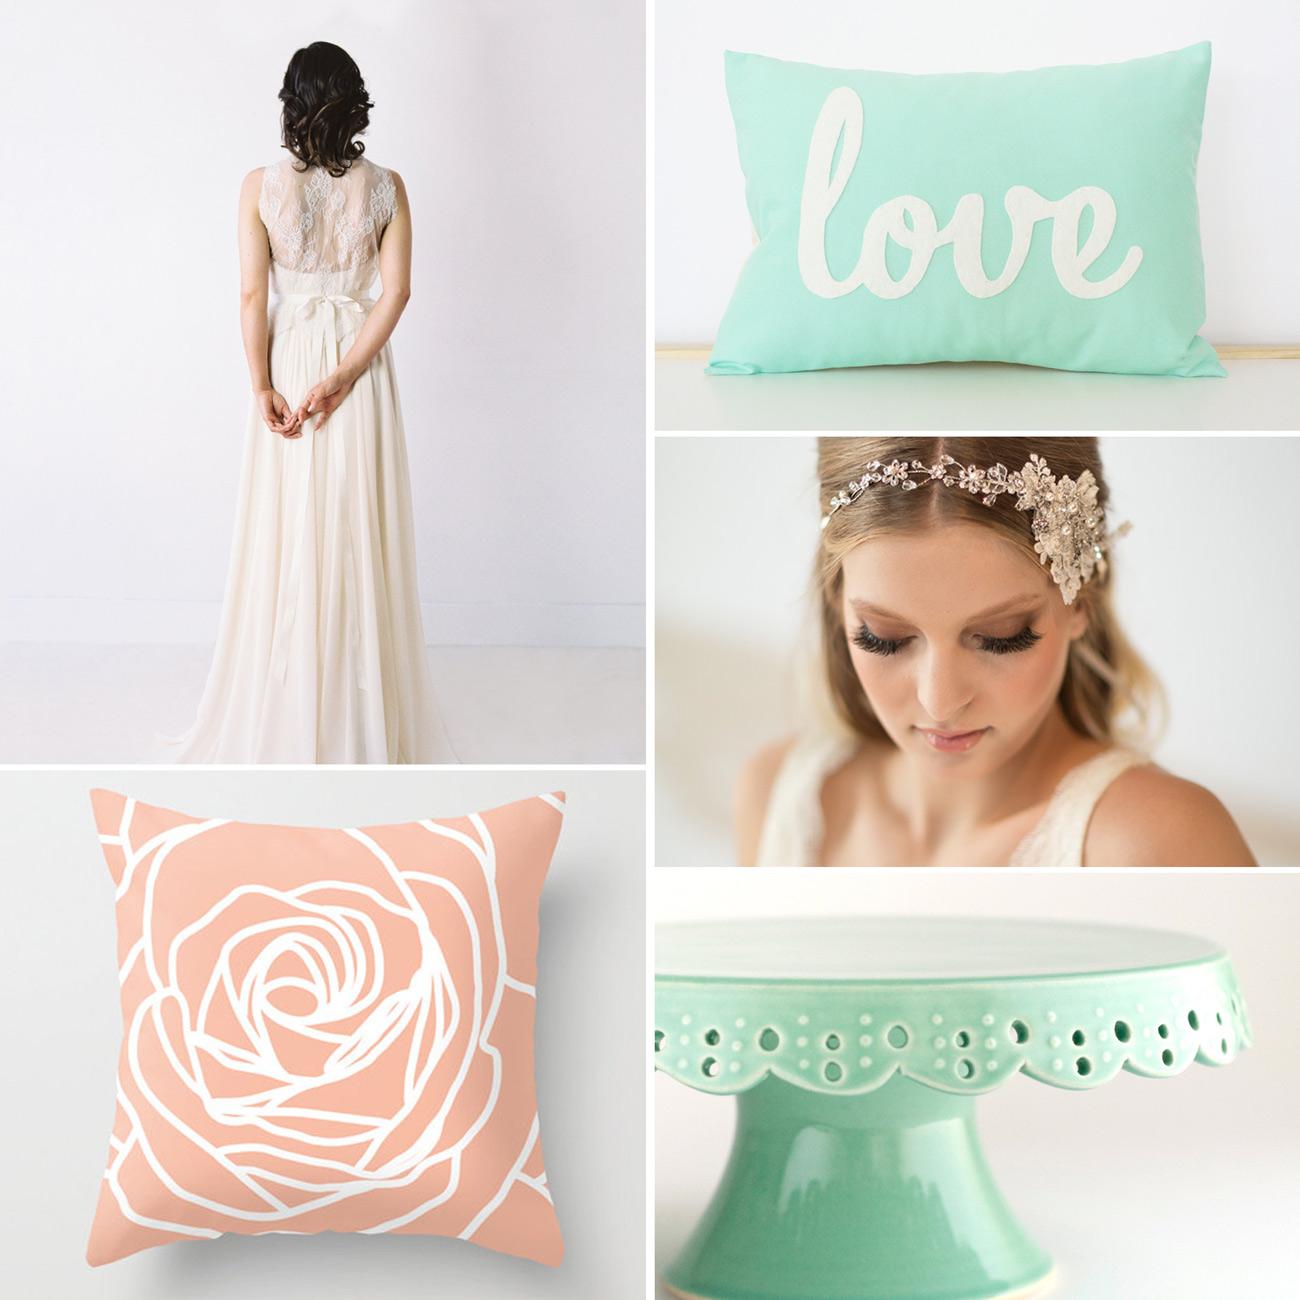 Spring Etsy Wedding Finds from Alyssa Schroeder